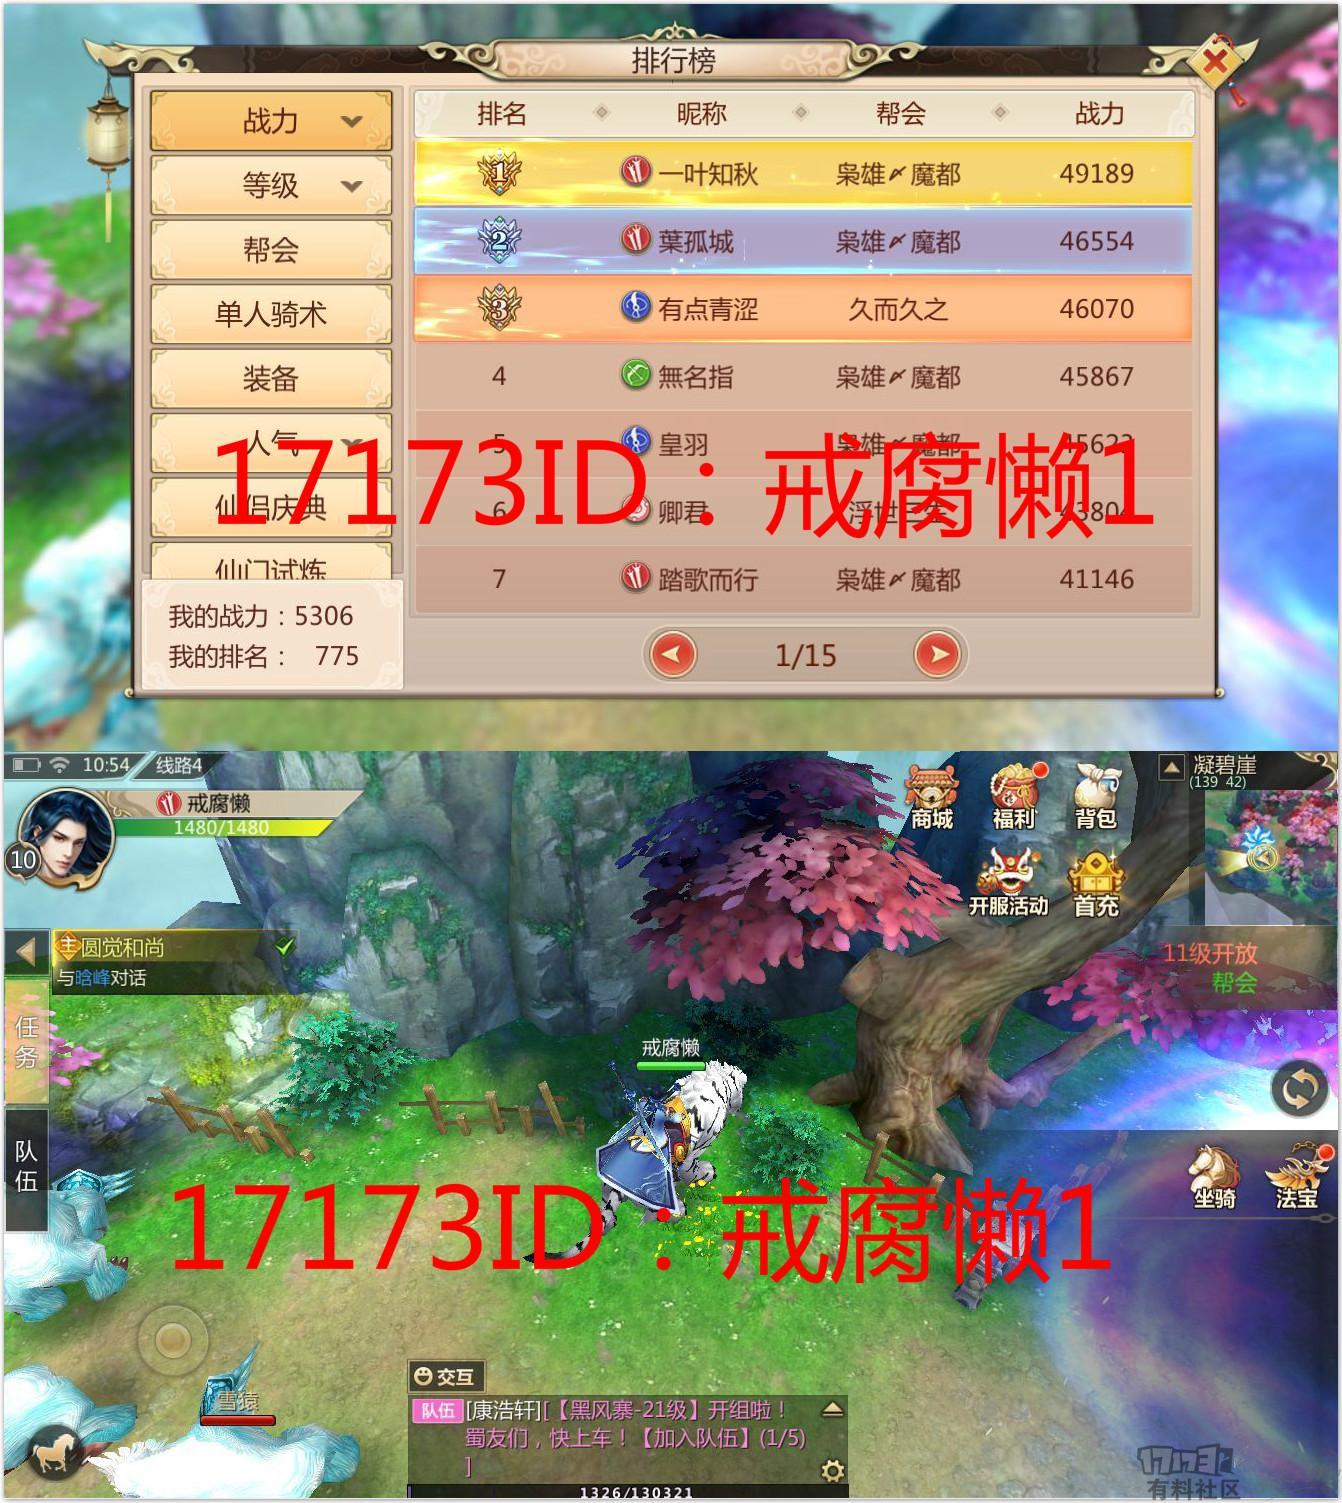 蜀门_meitu_3.jpg